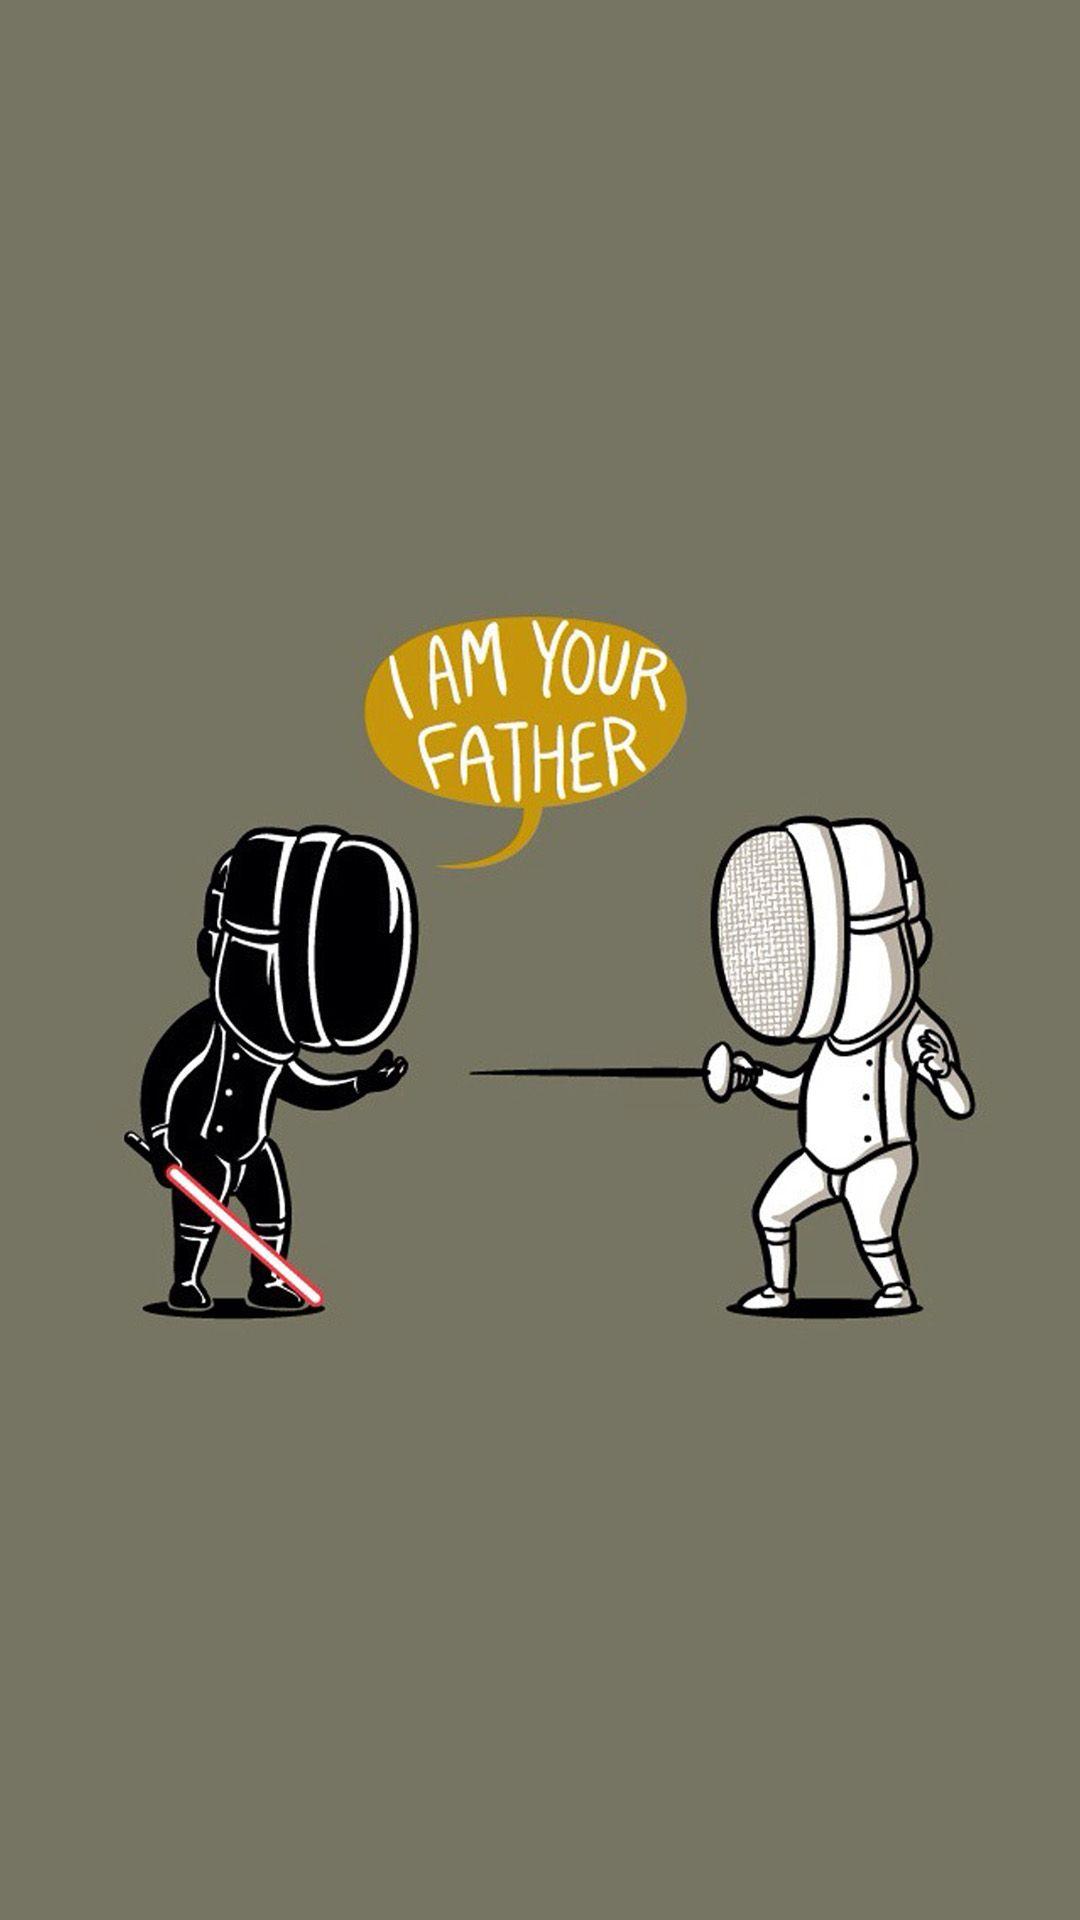 baby darth vader poster - Google-søgning